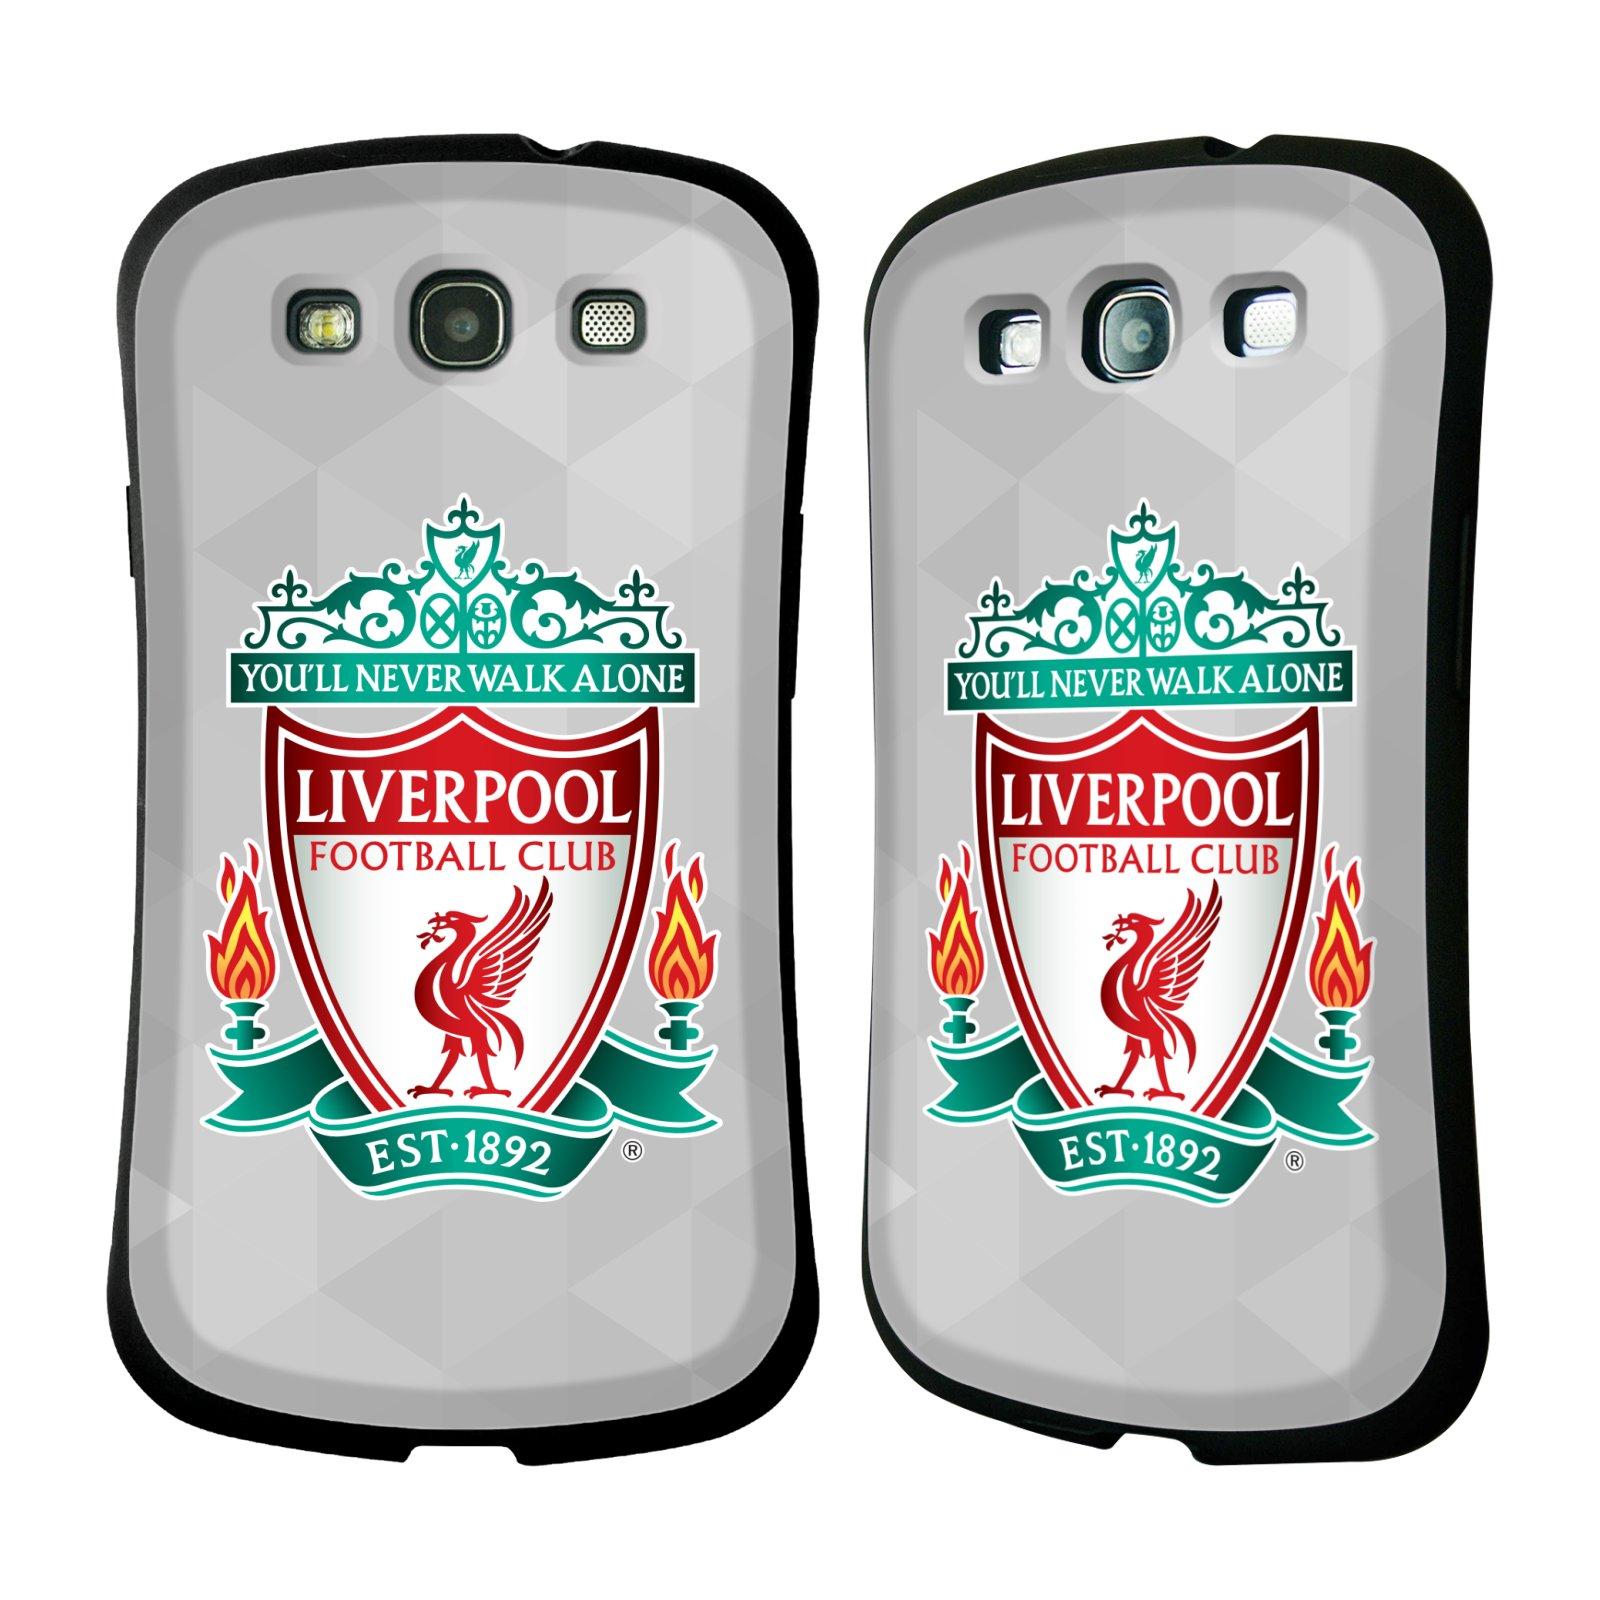 Nárazuvzdorné Plastové pouzdro na mobil Samsung Galaxy S3 Neo HEAD CASE ZNAK LIVERPOOL FC OFFICIAL GEOMETRIC WHITE (Odolný nárazuvzdorný silikonový kryt či obal na mobilní telefon Liverpool FC Official pro Samsung Galaxy S3 Neo GT-i9301i)